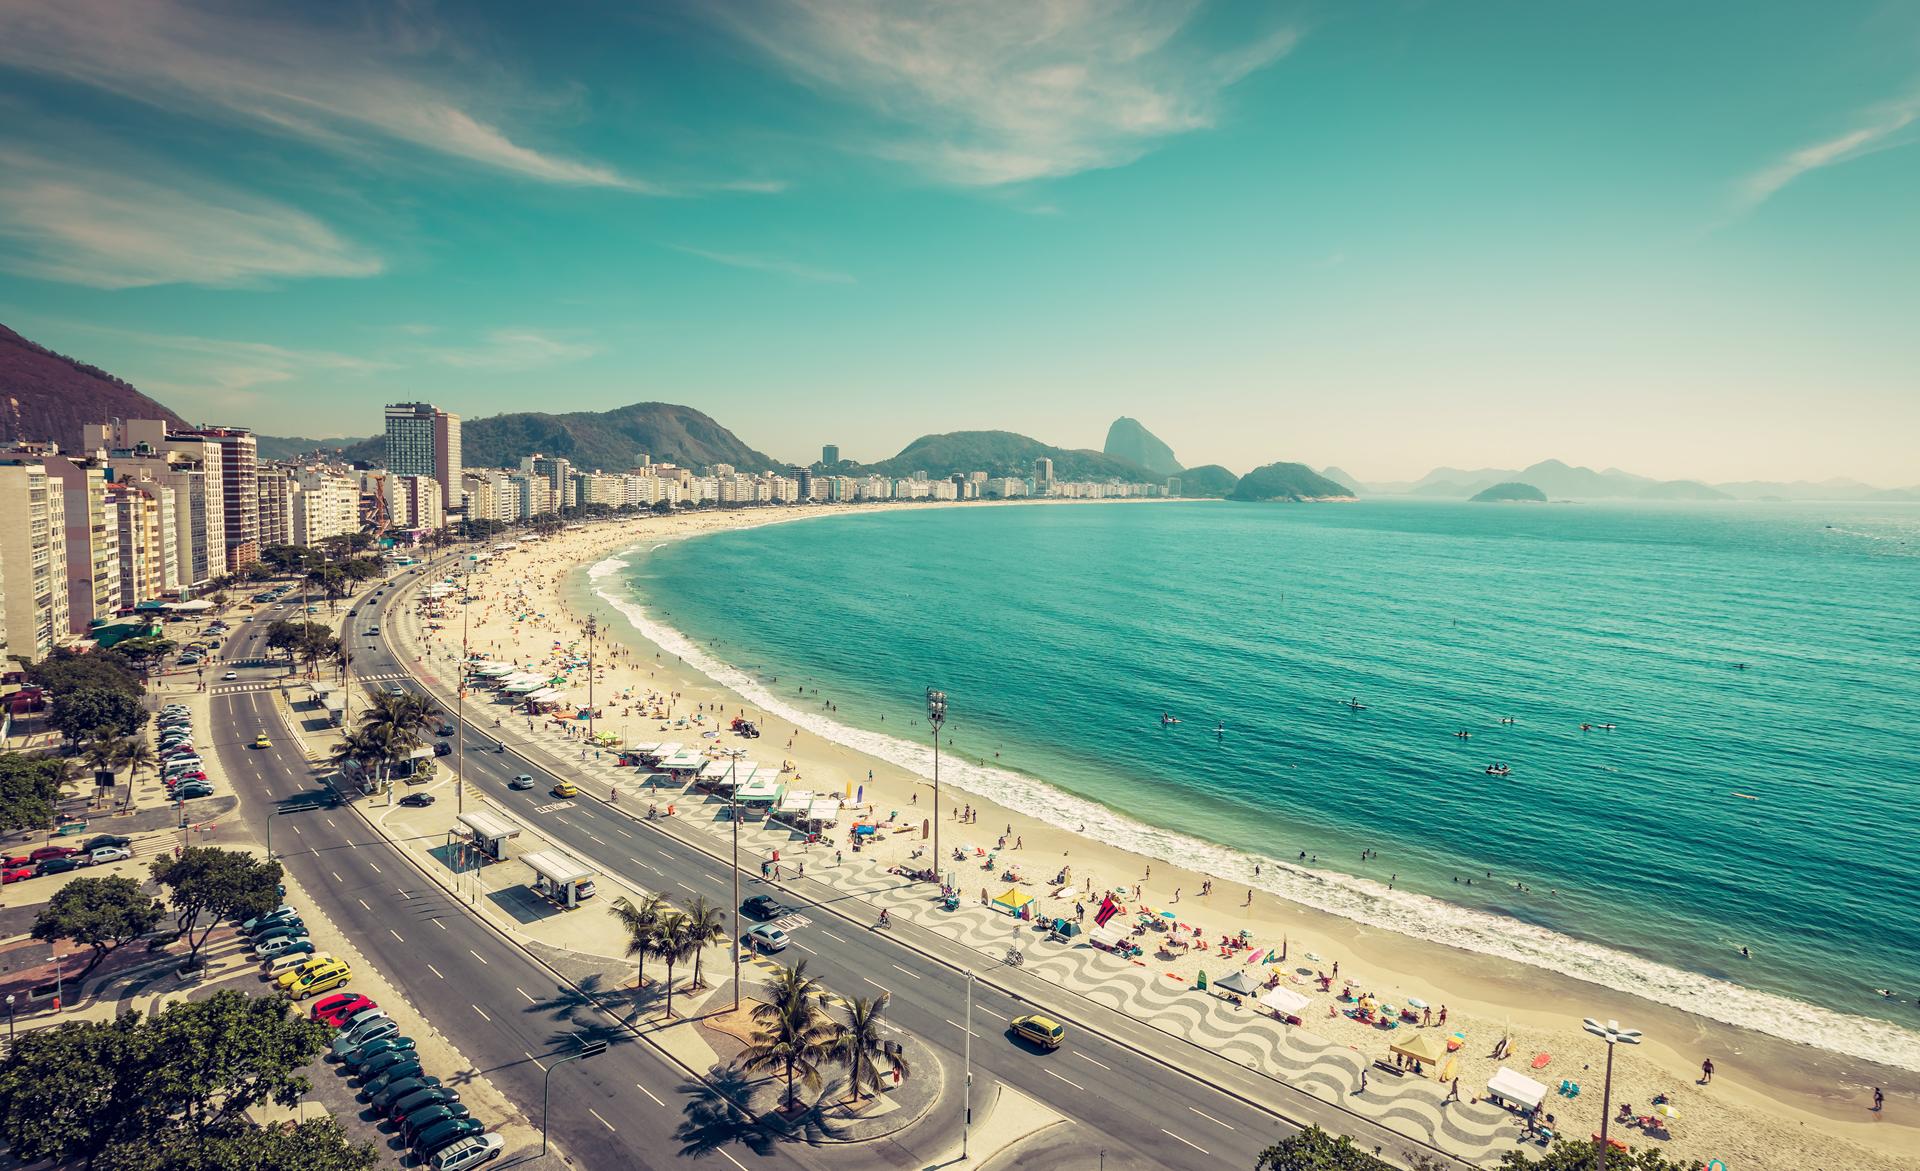 La playa de Copacabana, una de las más visitadas de Rio de Janeiro